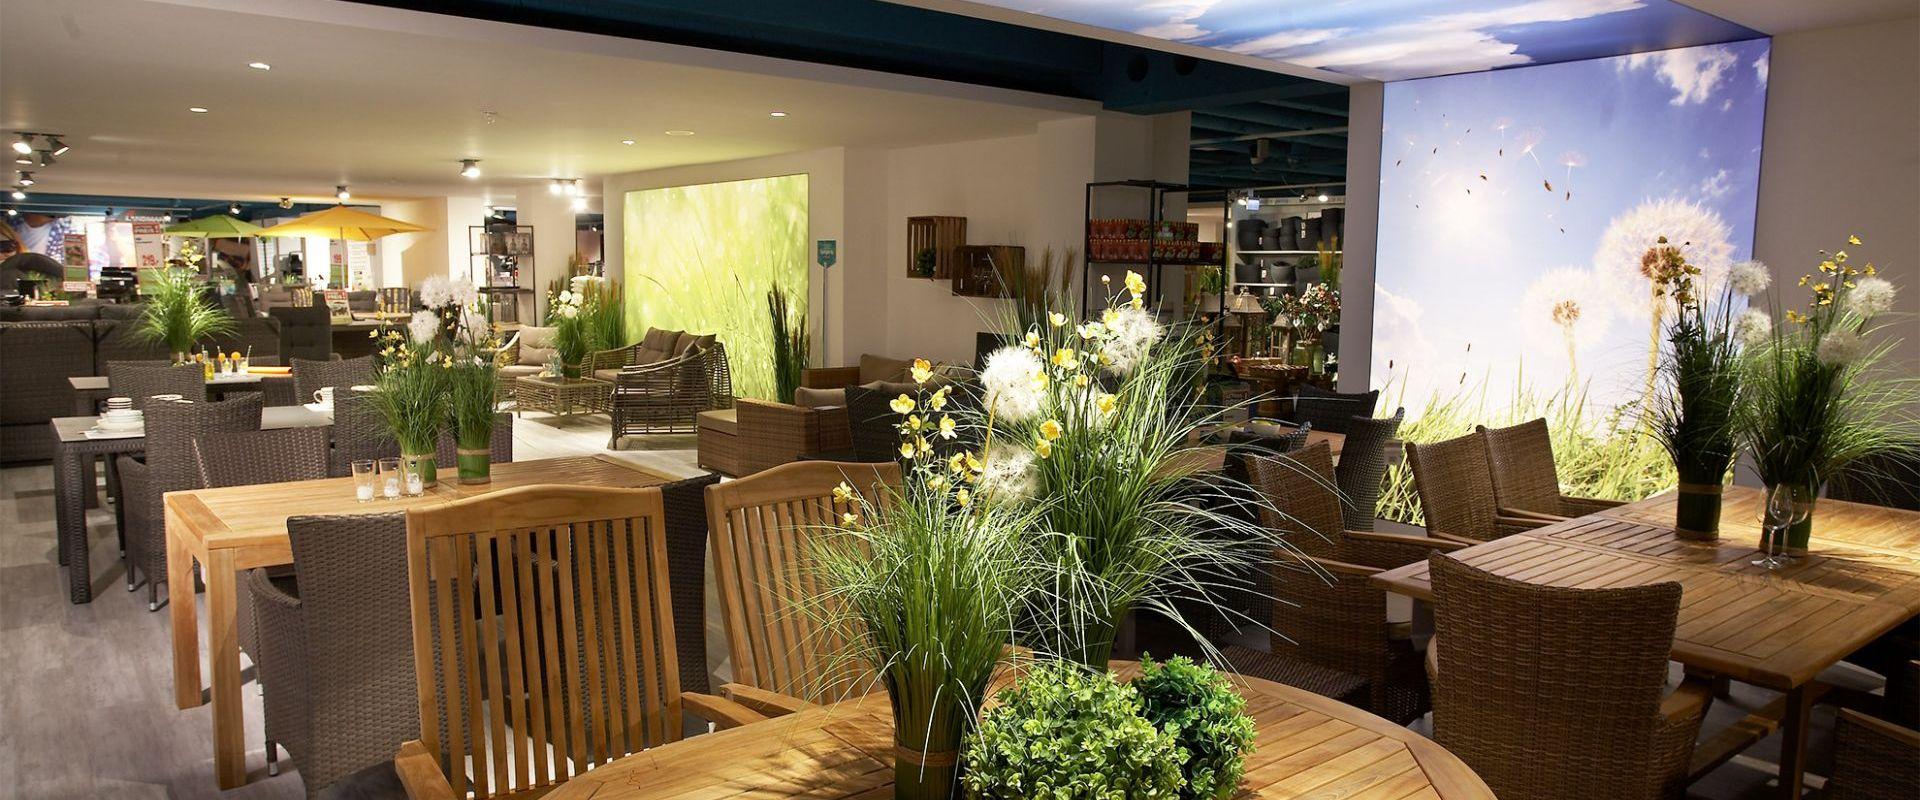 Möbel Accessoires Für Garten Terrasse Spilgerde